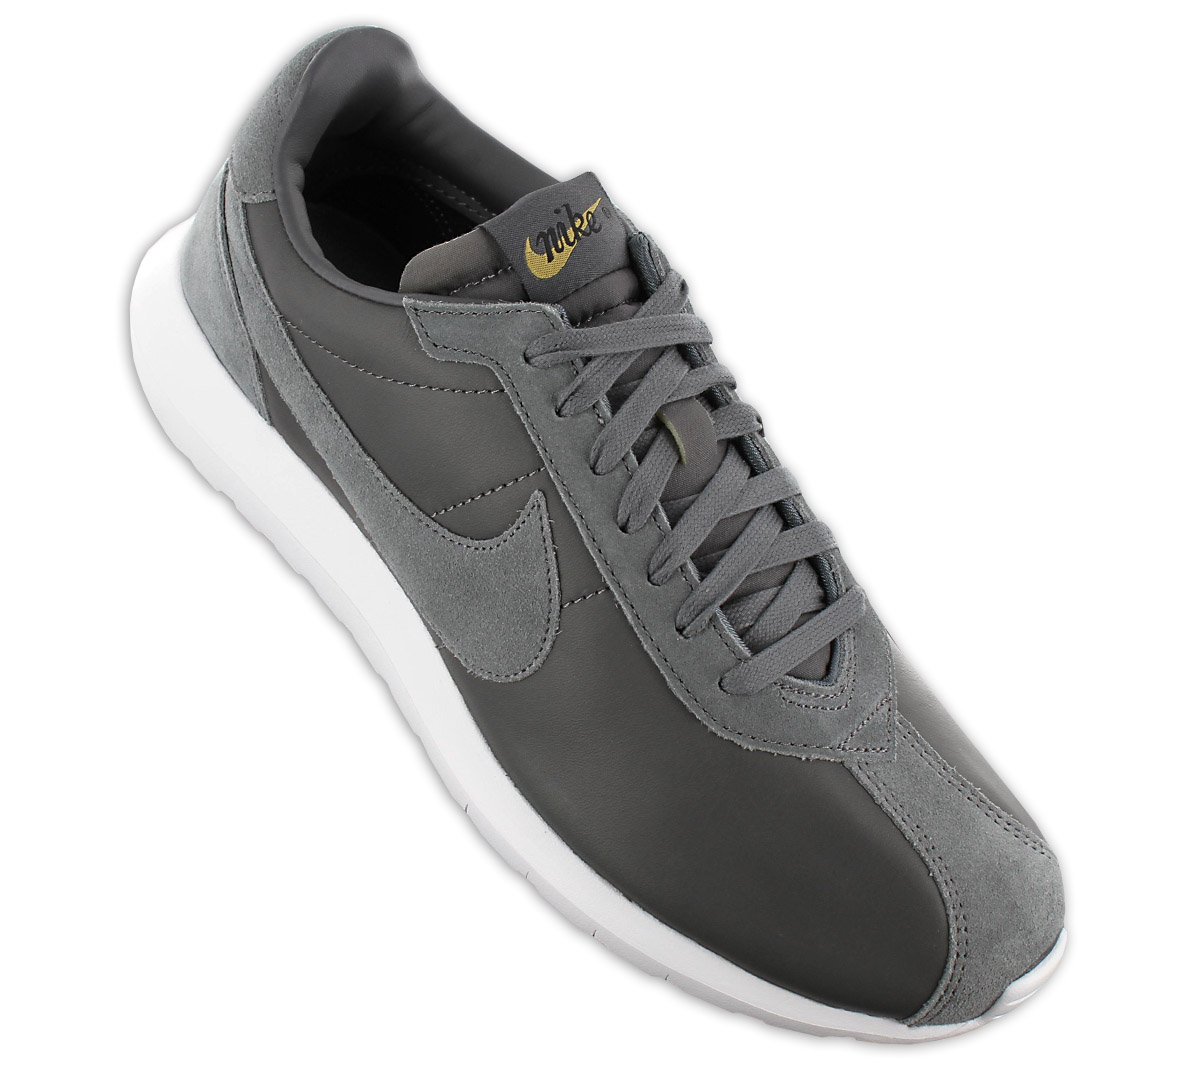 super popular 81110 e842c Nike Roshe LD-1000 Premium Qs Quickstrike Release Men s Sneakers ...